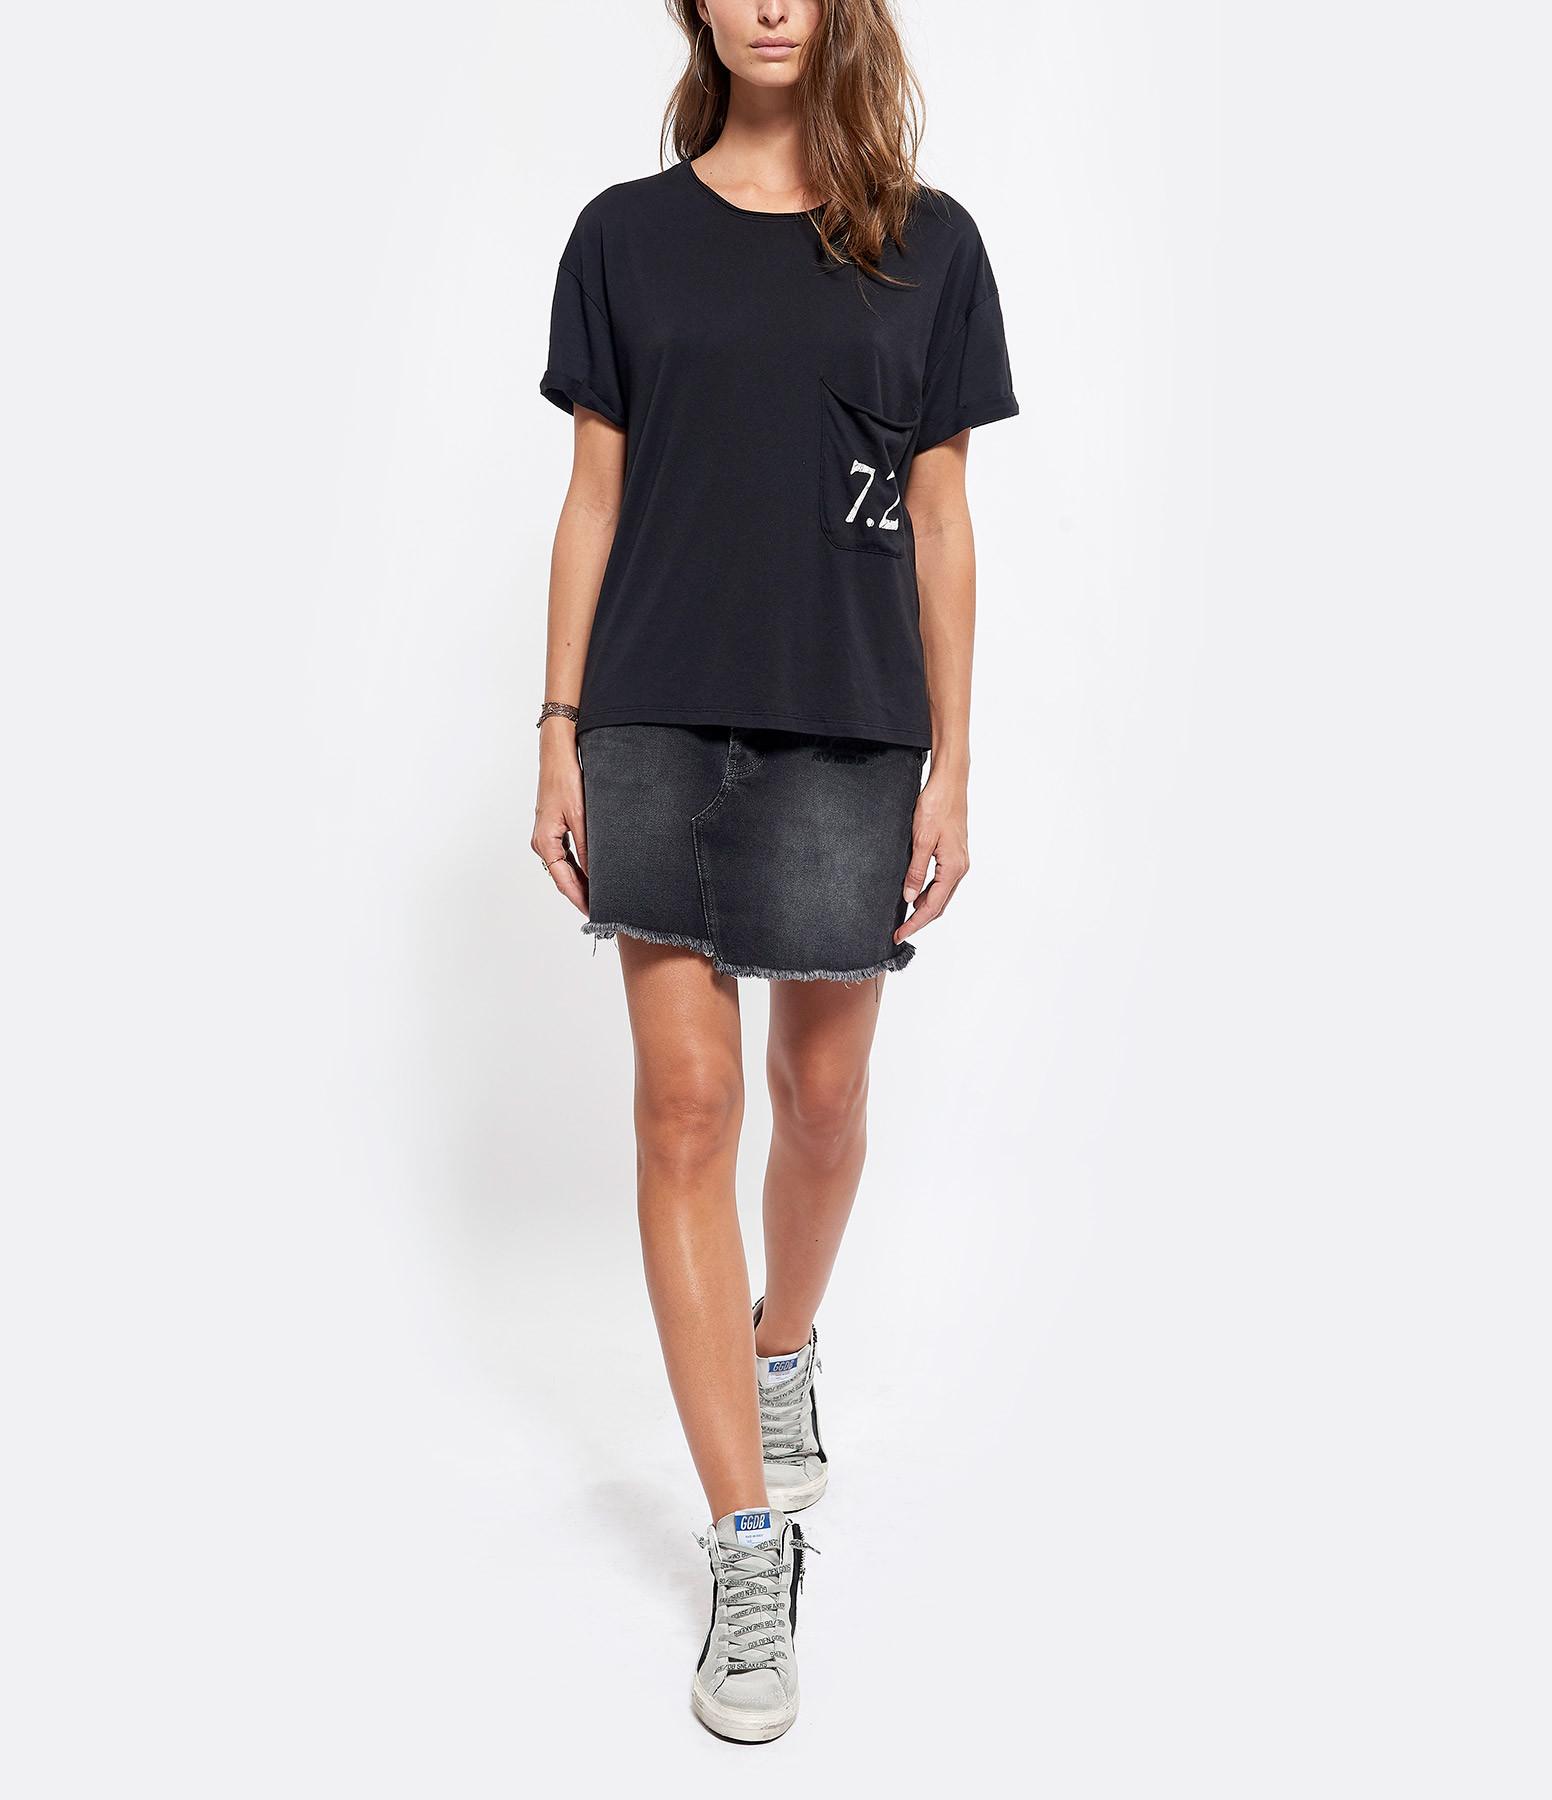 JUNE 7.2 - Tee-shirt Myriam Noir Logo Blanc